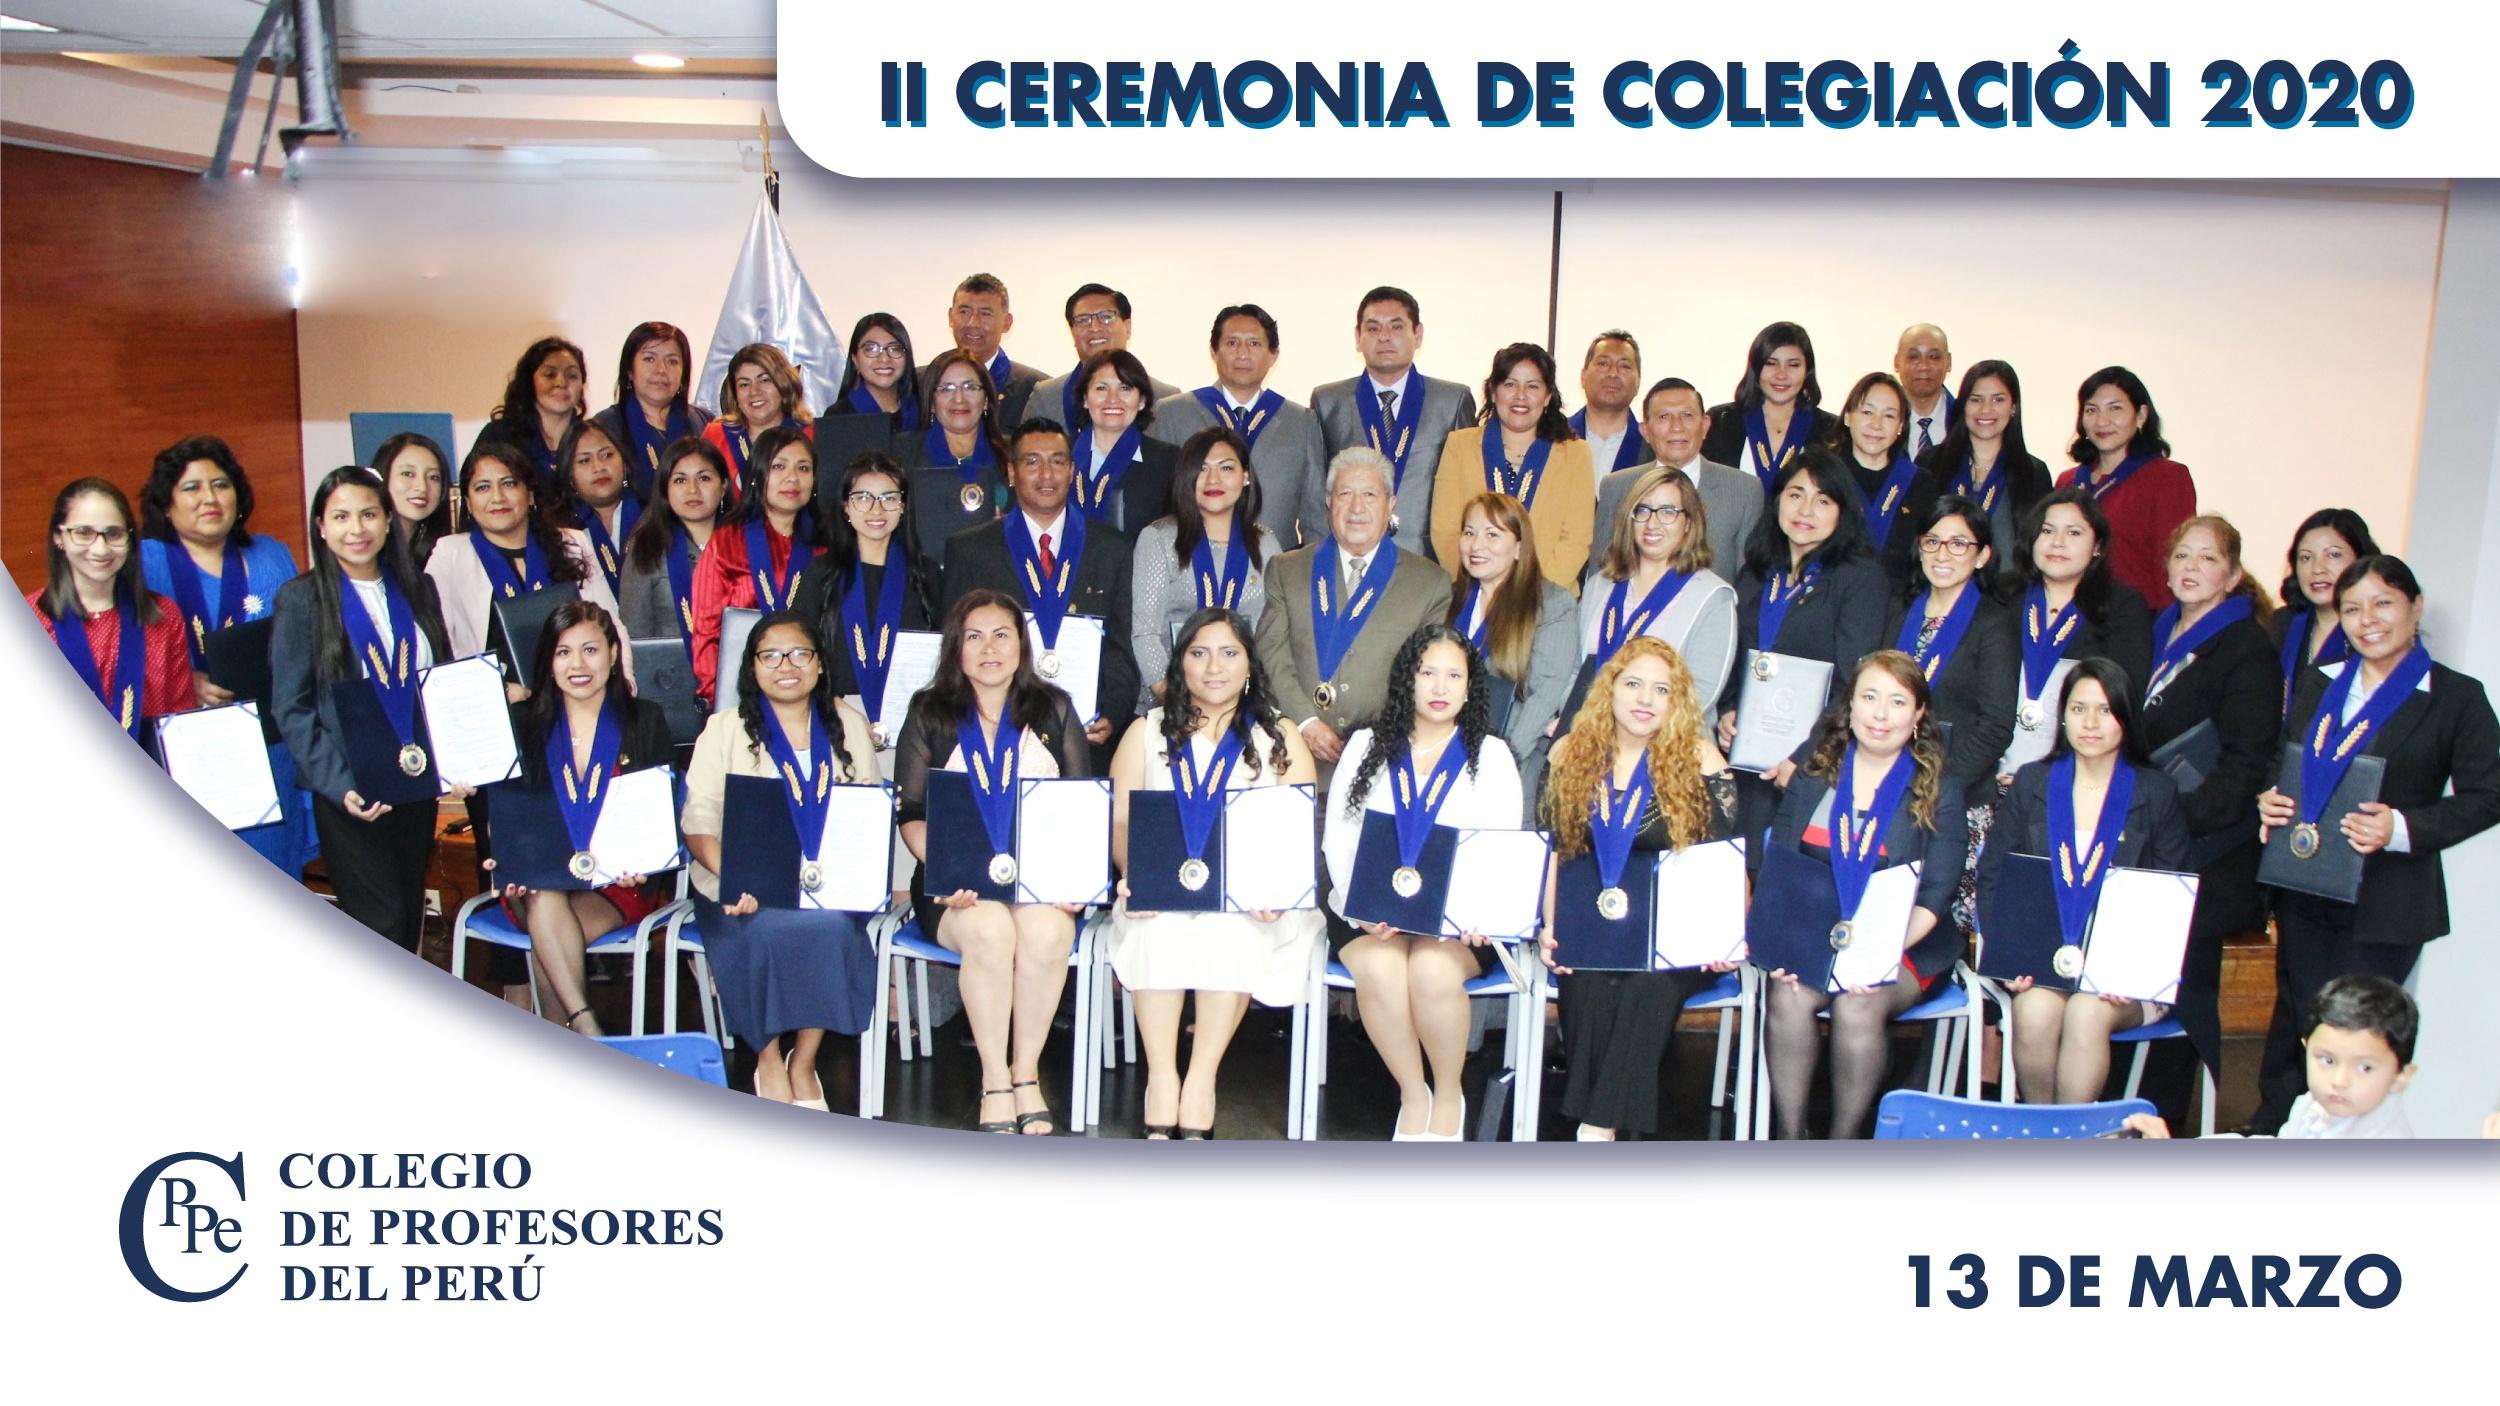 II Ceremonia de Colegiación del CPPe 2020